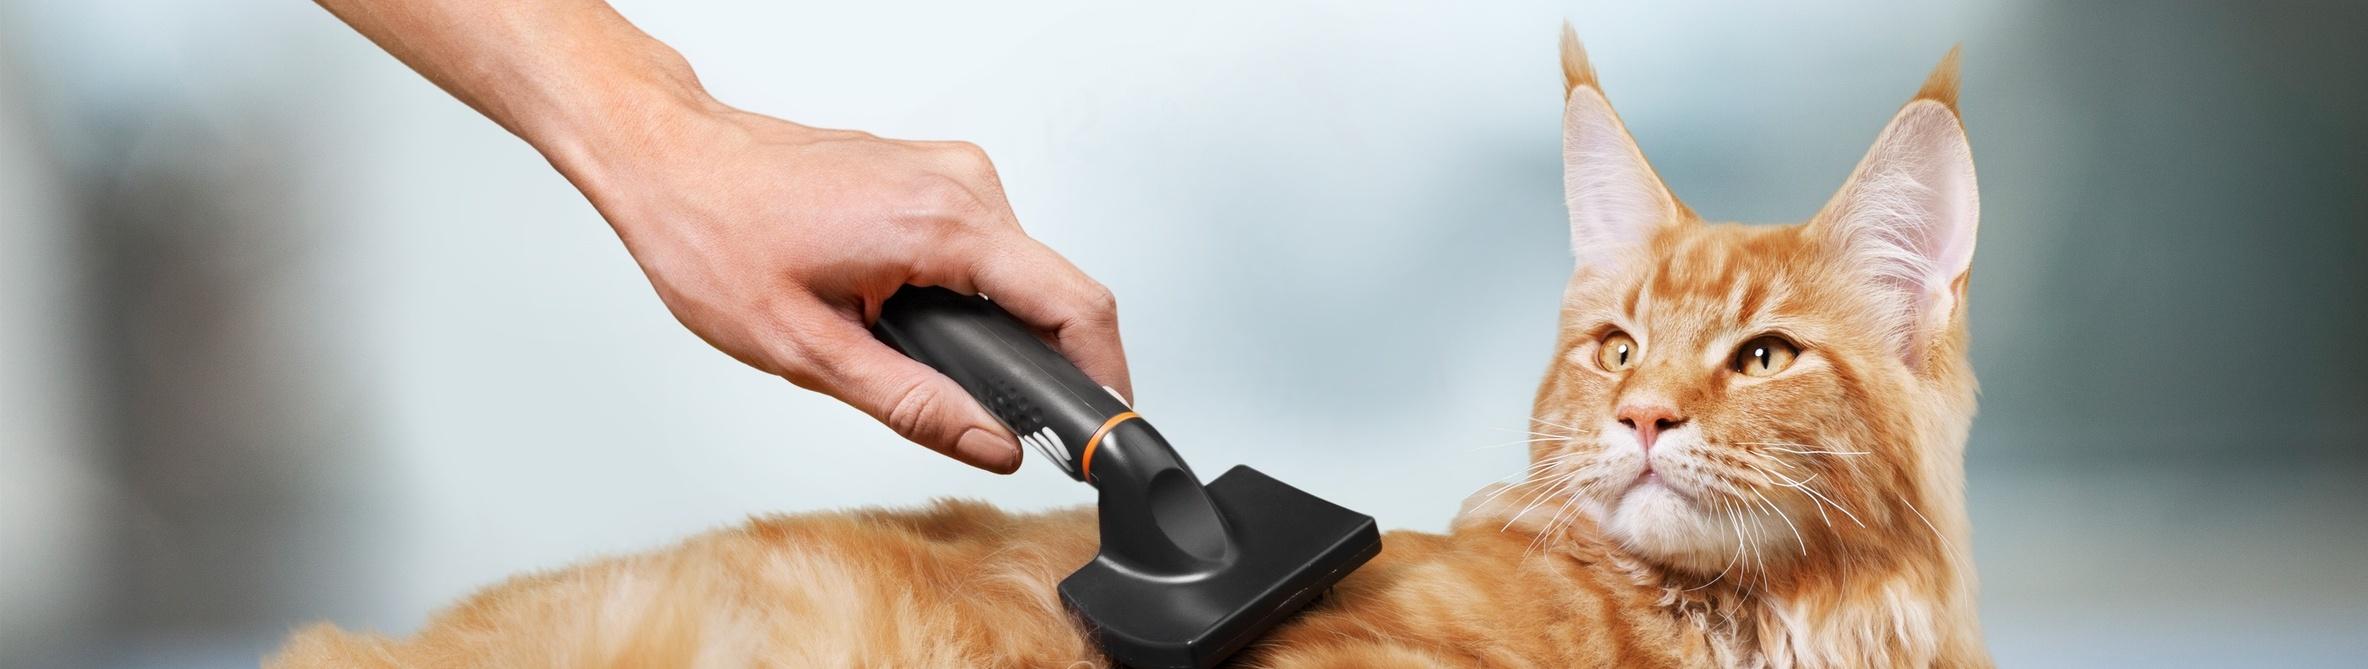 Pflegeprodukte für Katzen bei Greenheart Austria